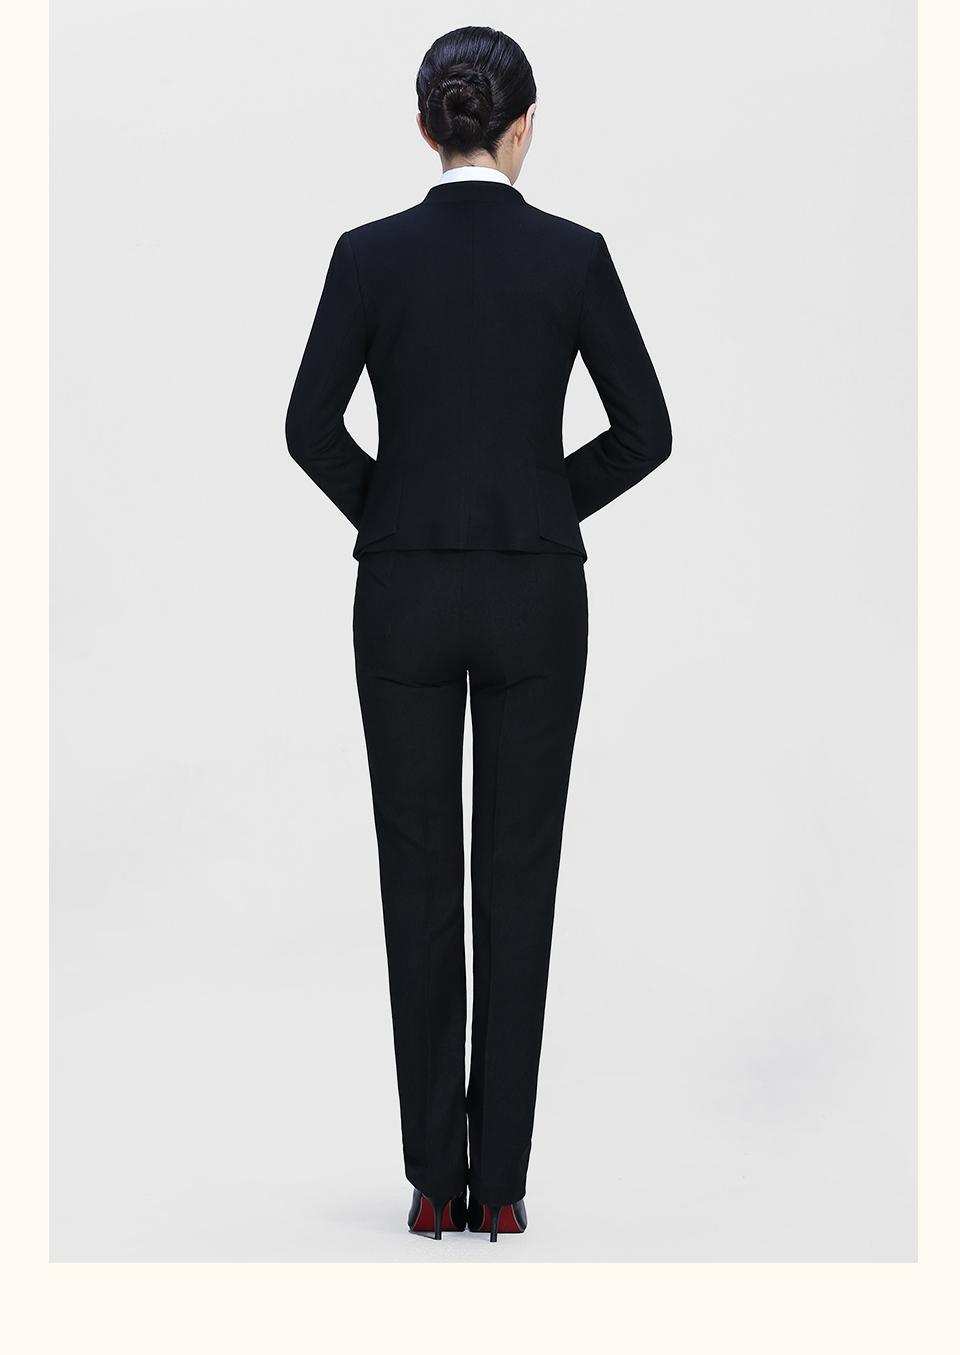 新款黑色女士修身职业装